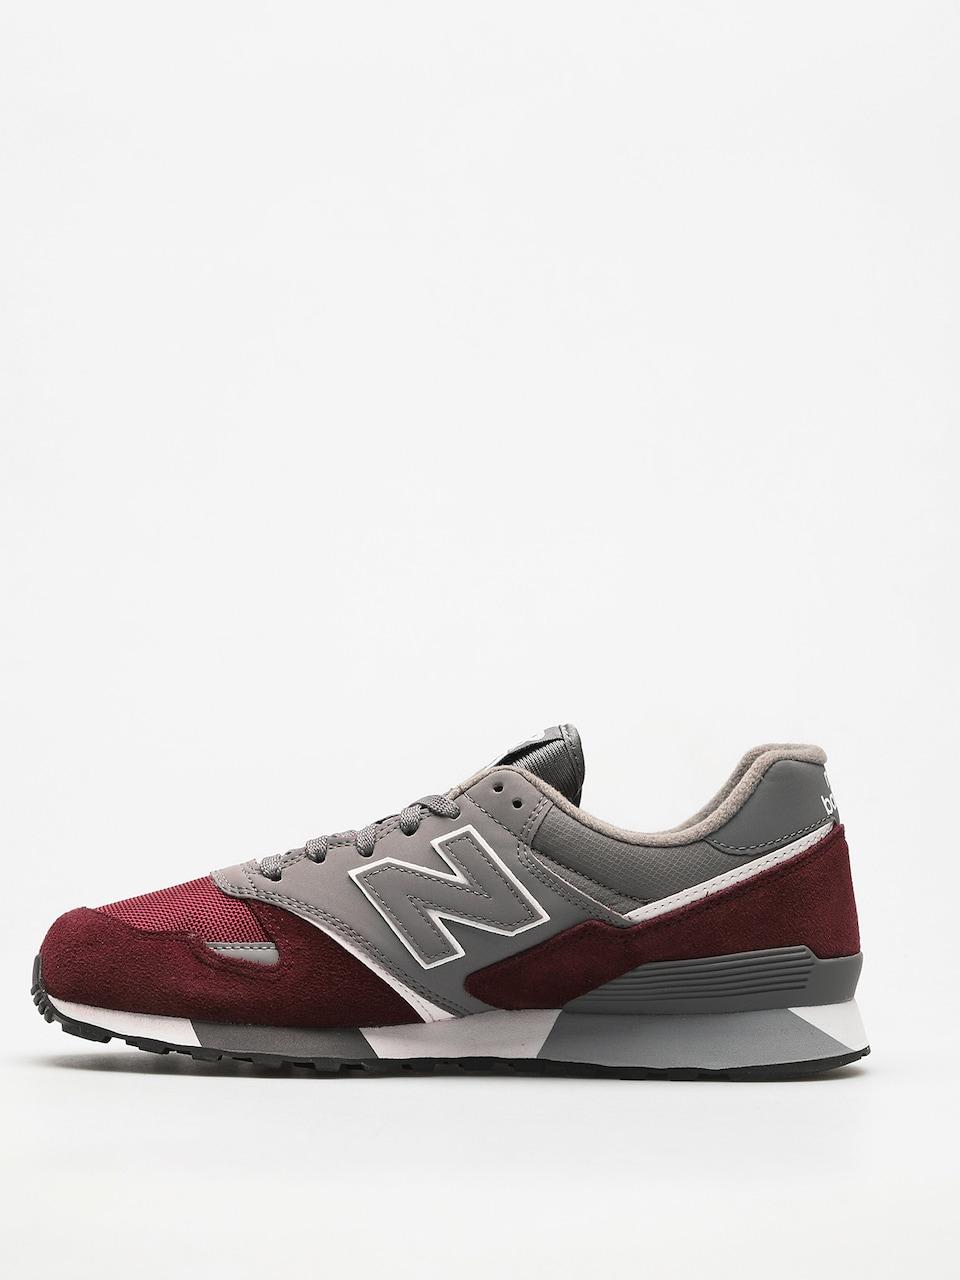 evitar comentarista diario  New Balance Shoes 446 (burgundy)